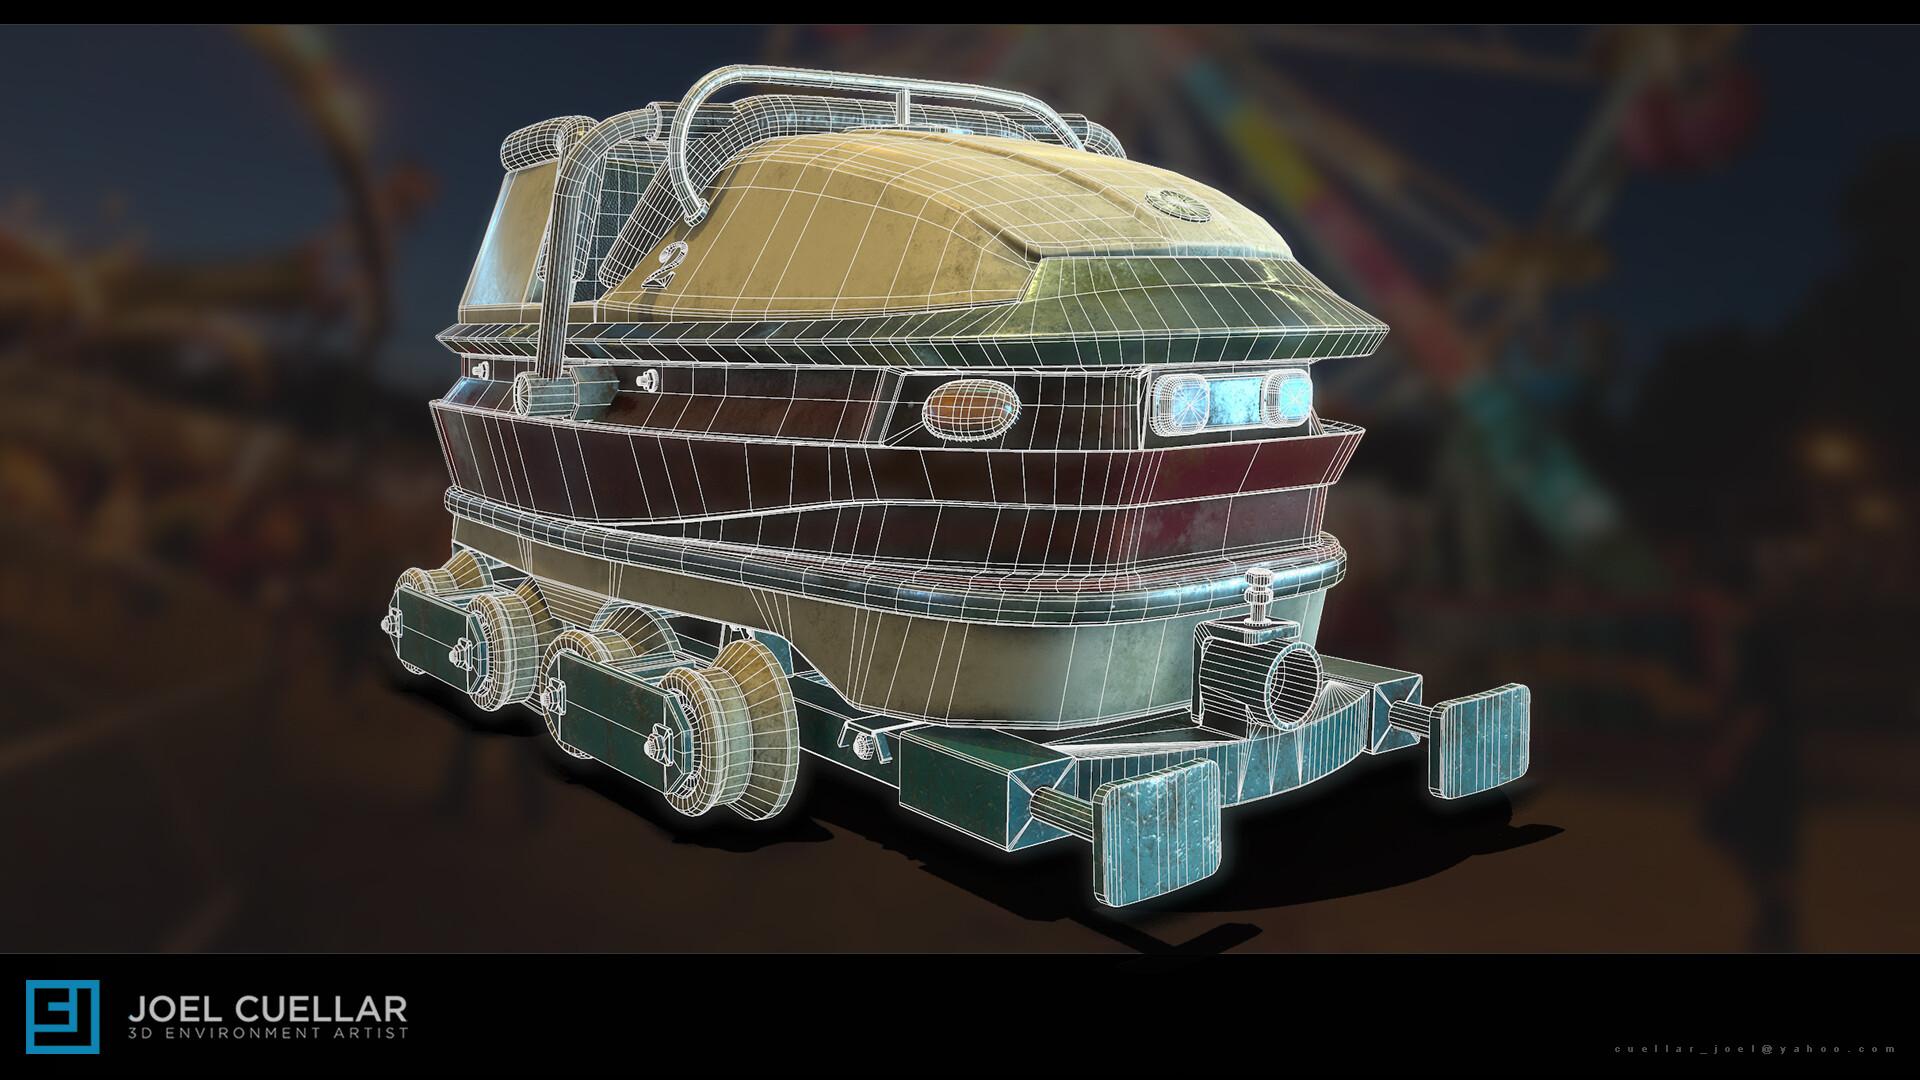 ArtStation - 3D Roller Coaster Cart, Joel Cuellar